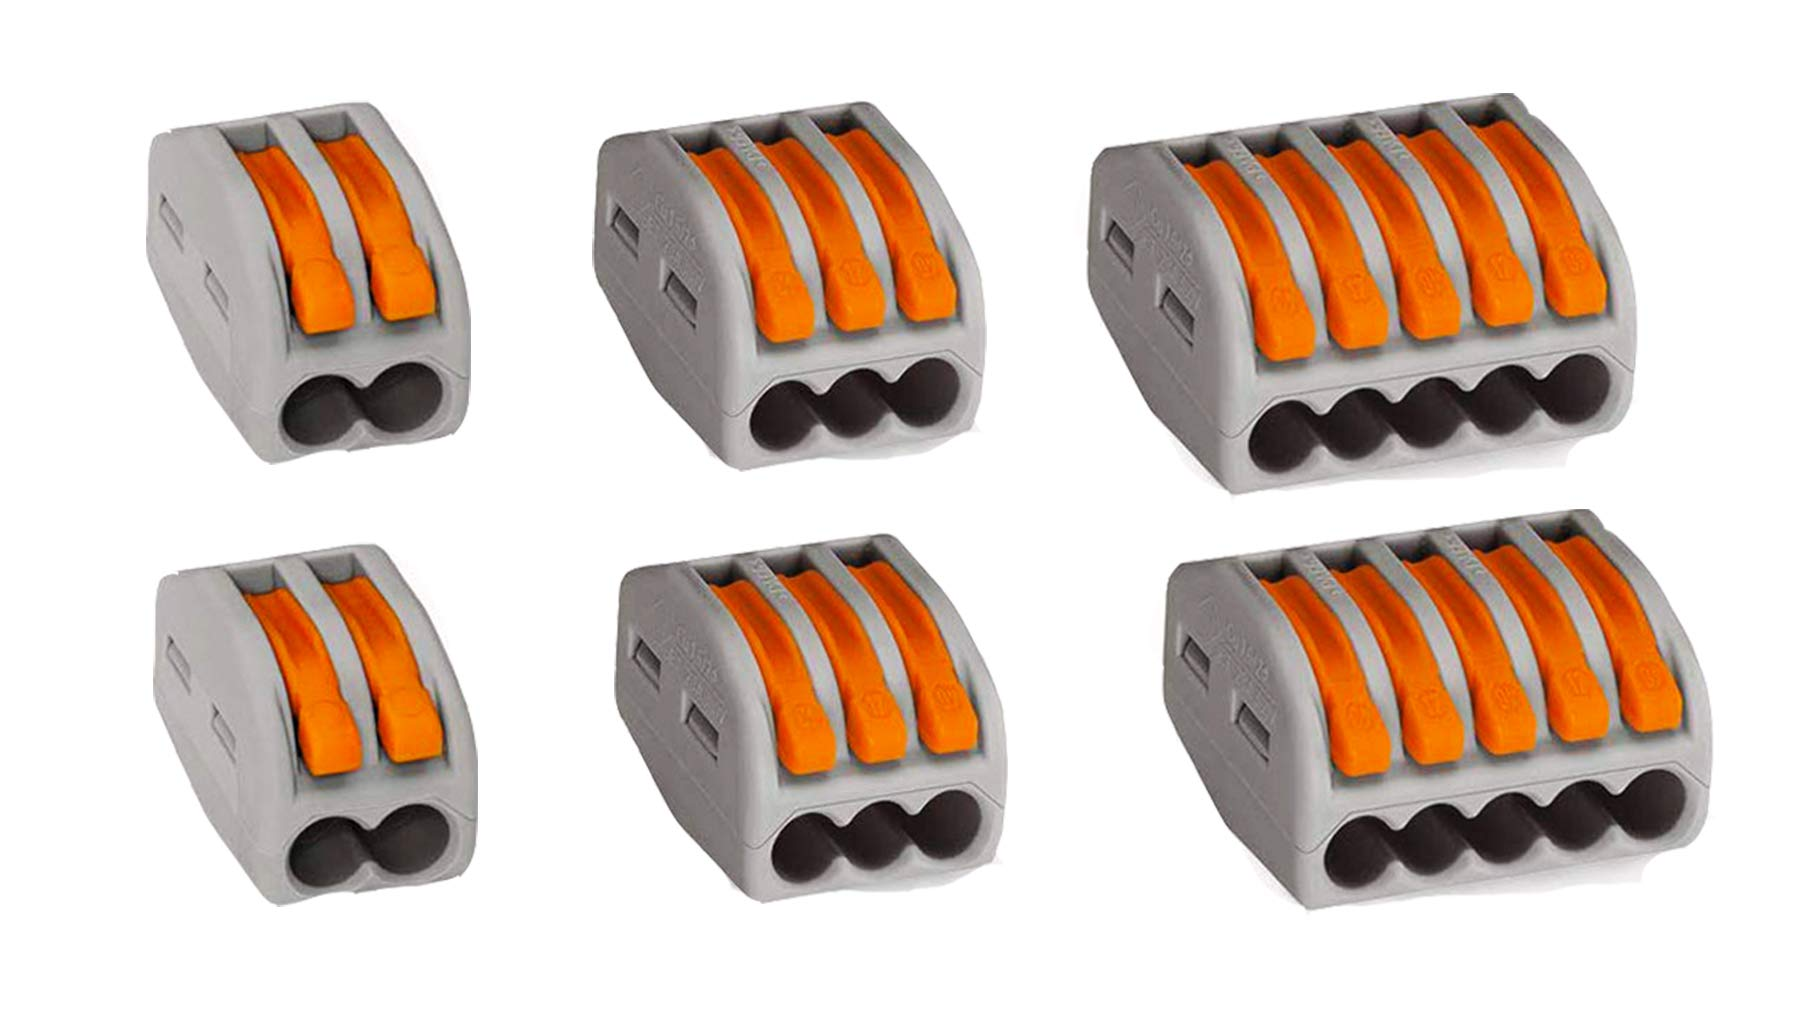 Lever Nuts, Wisonique 60 Pcs Assortment Pack Conductor Compact Wire Connectors, Terminal Block Wire Push Cable Connector PCT-212(20 Pcs) PCT-213(20Pcs) PCT-215(20 Pcs)